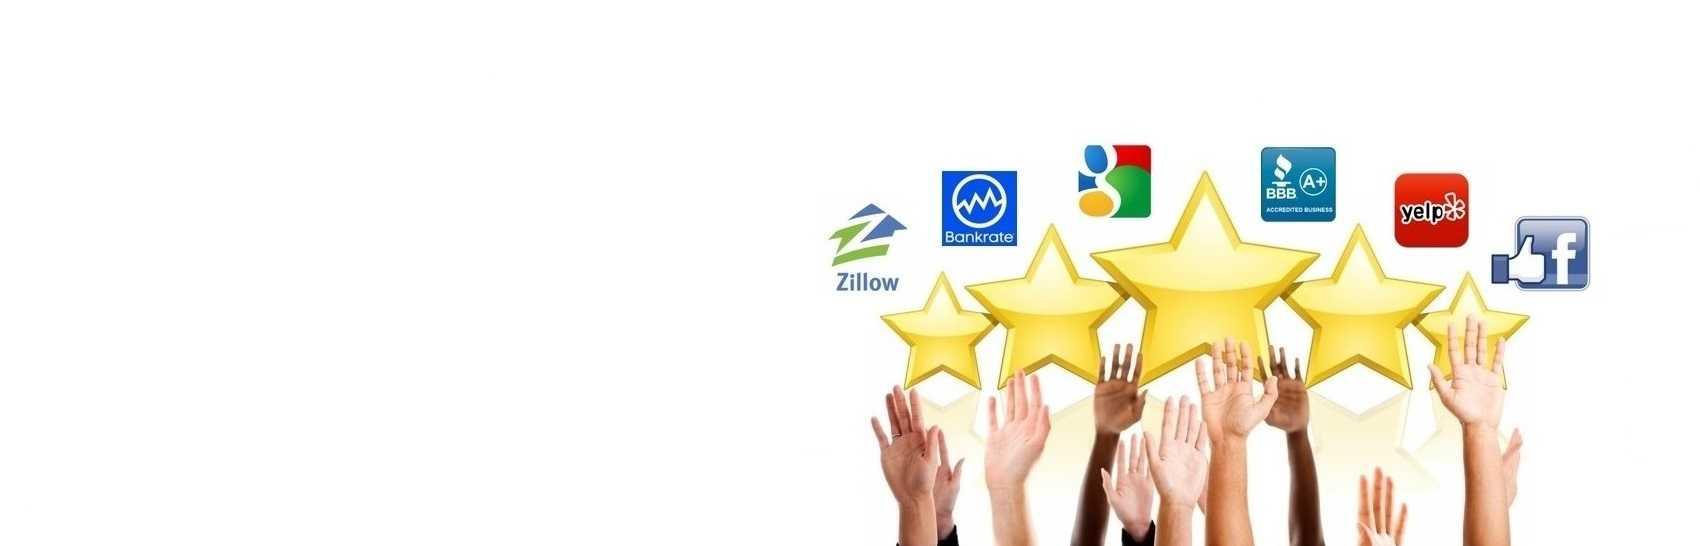 Great reviews Portland Realtor